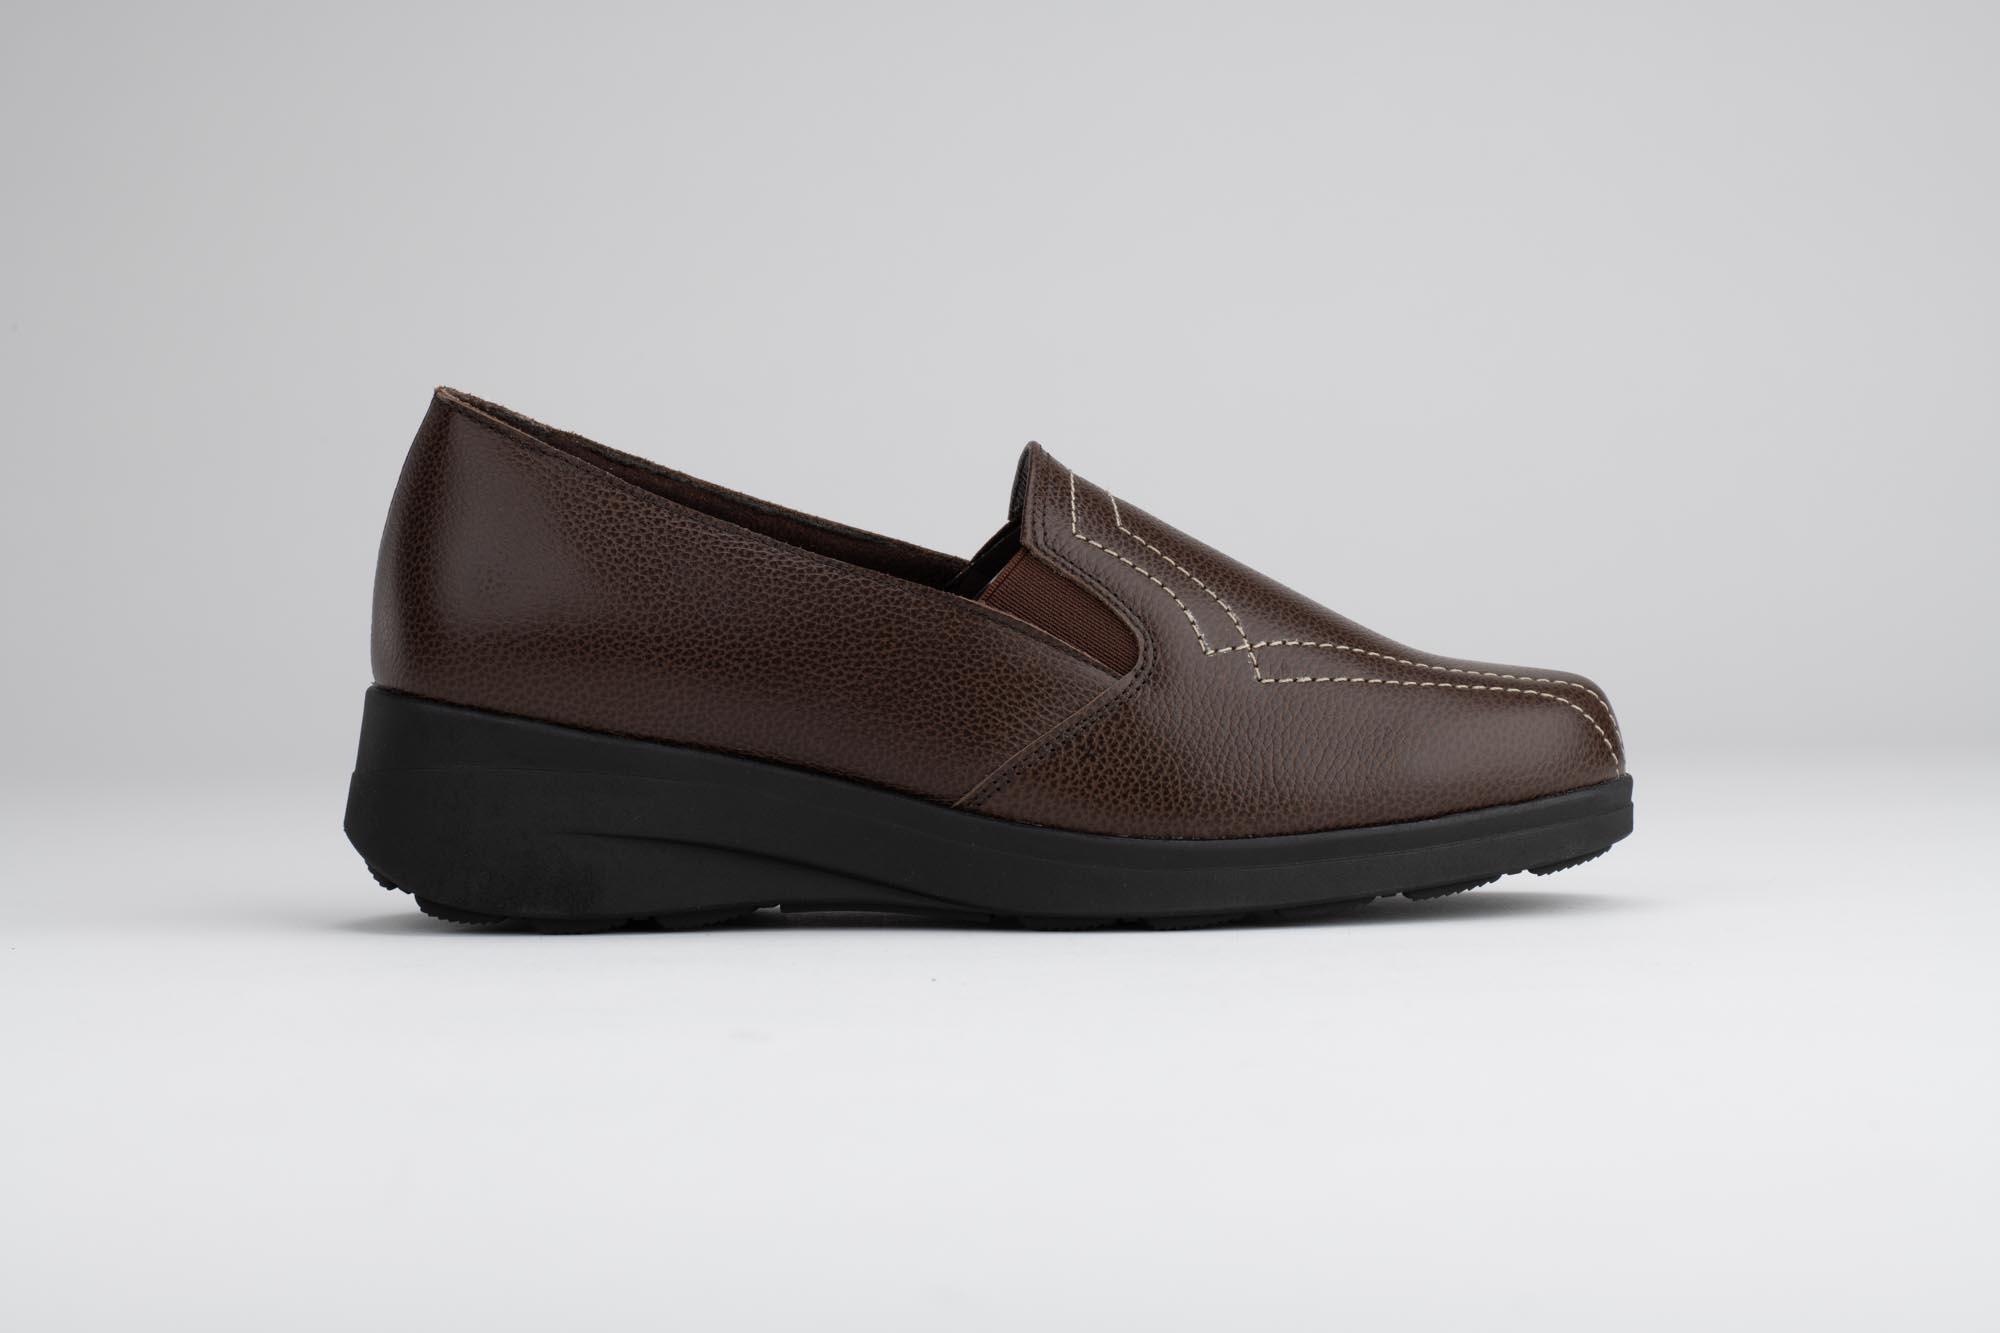 Foto de estudio de zapatos marrón